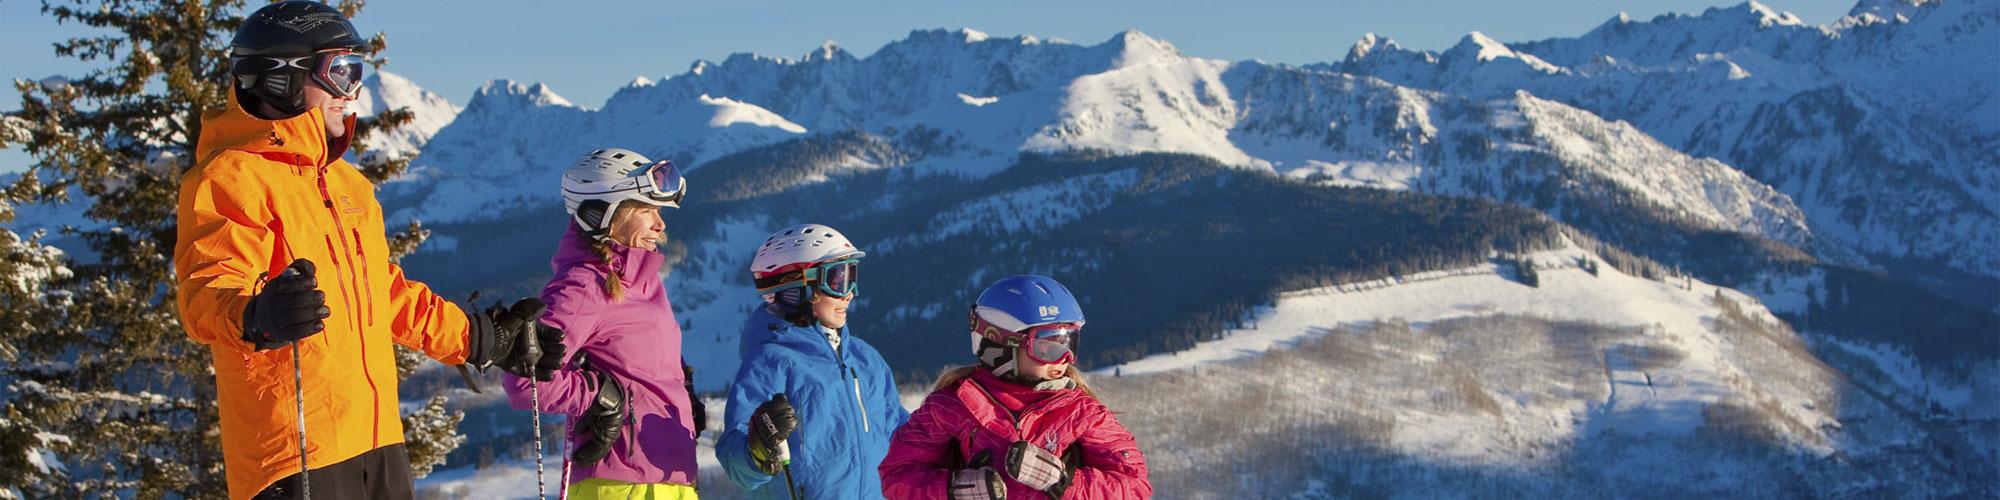 Esquí en familia en El Tirol. Zillertal Valley, Austria - El País Viajes